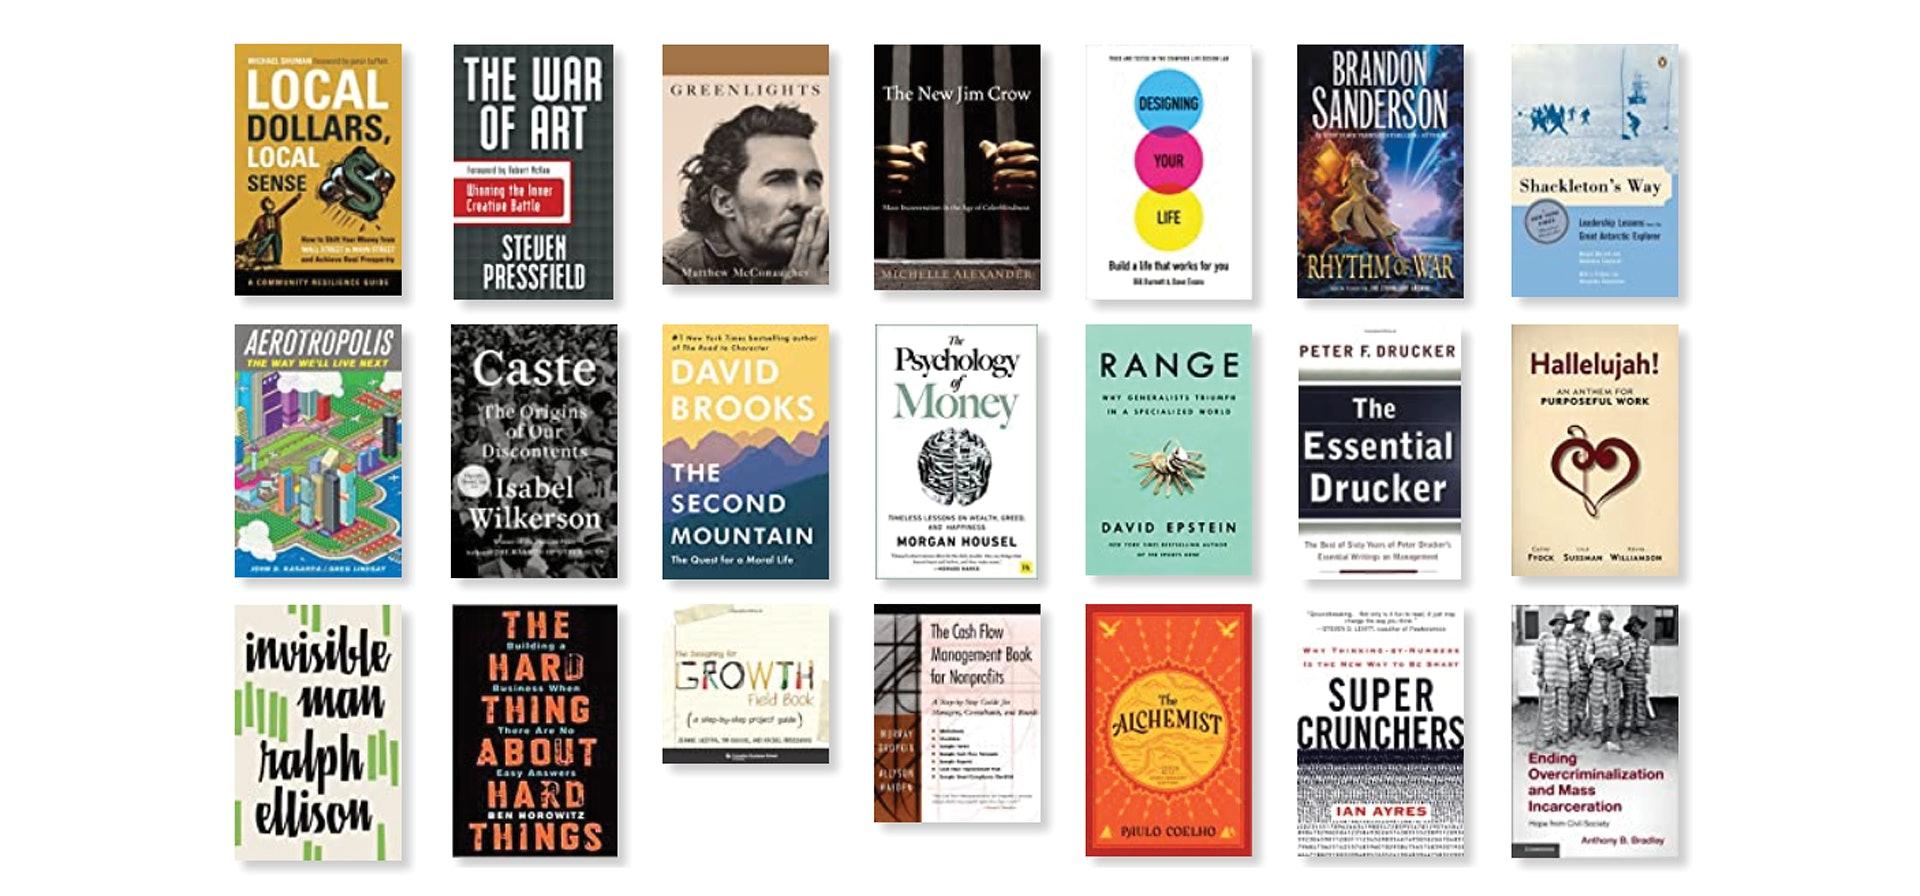 Goodreads Bookshelf 2